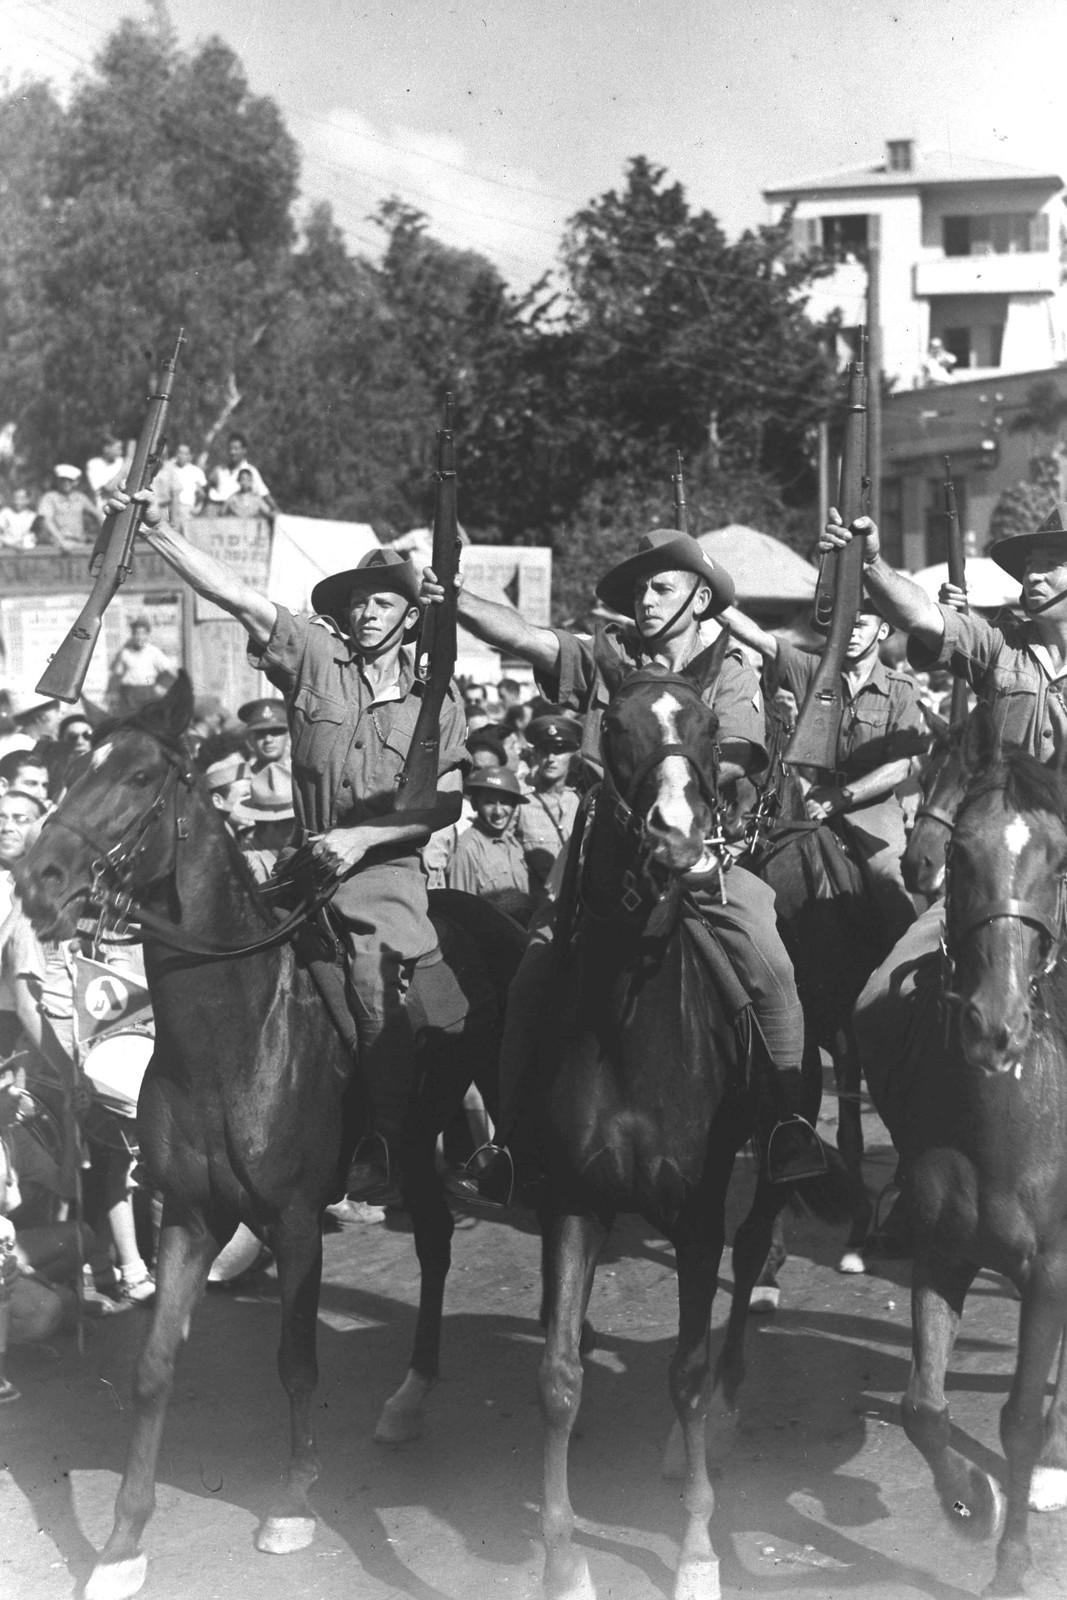 1942. Еврейская поселенческая полиция на параде в «День еврейского солдата» в Тель-Авиве. 27 сентября